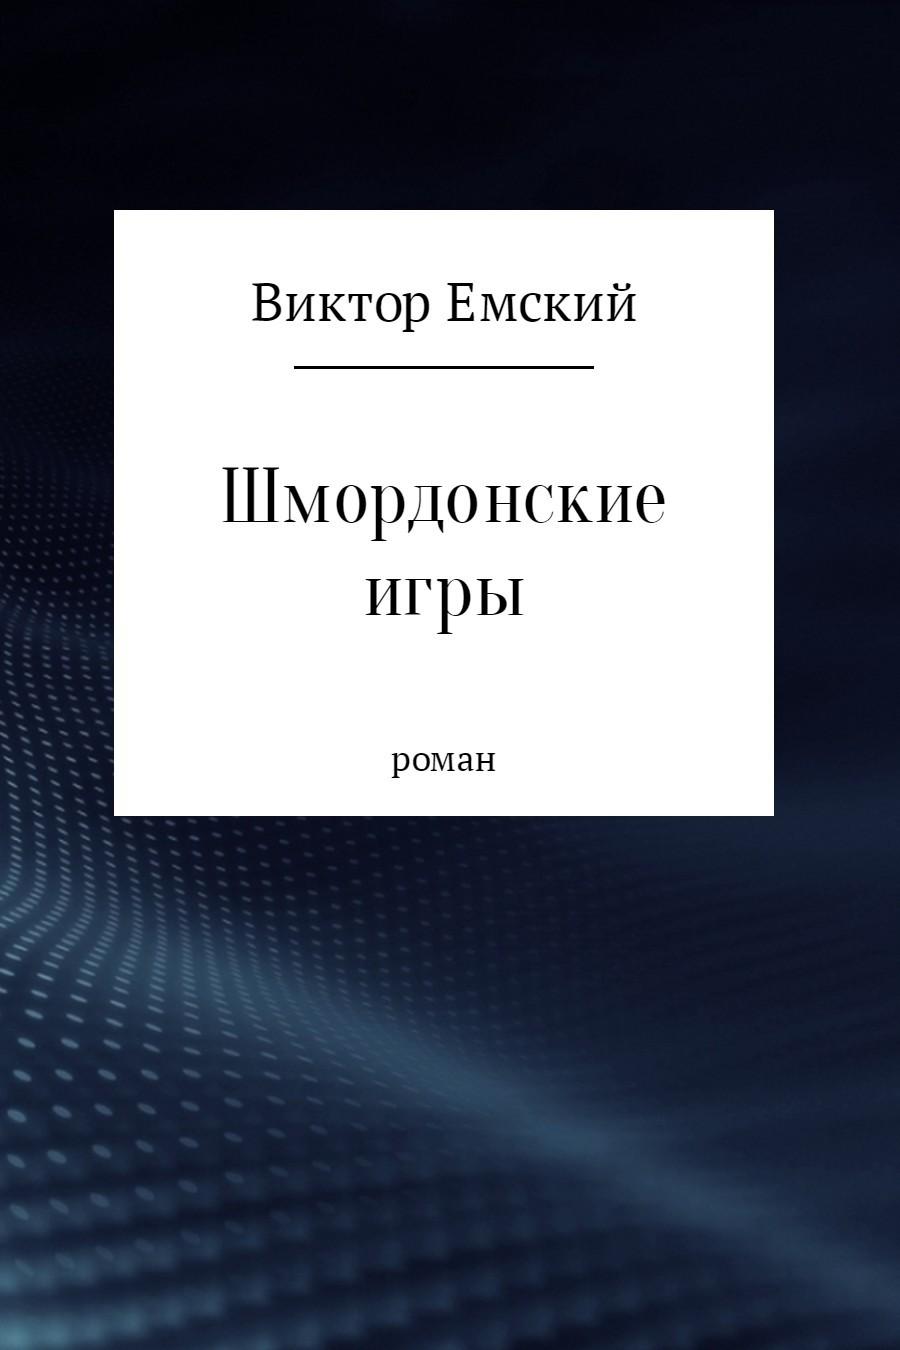 Виктор Емский бесплатно